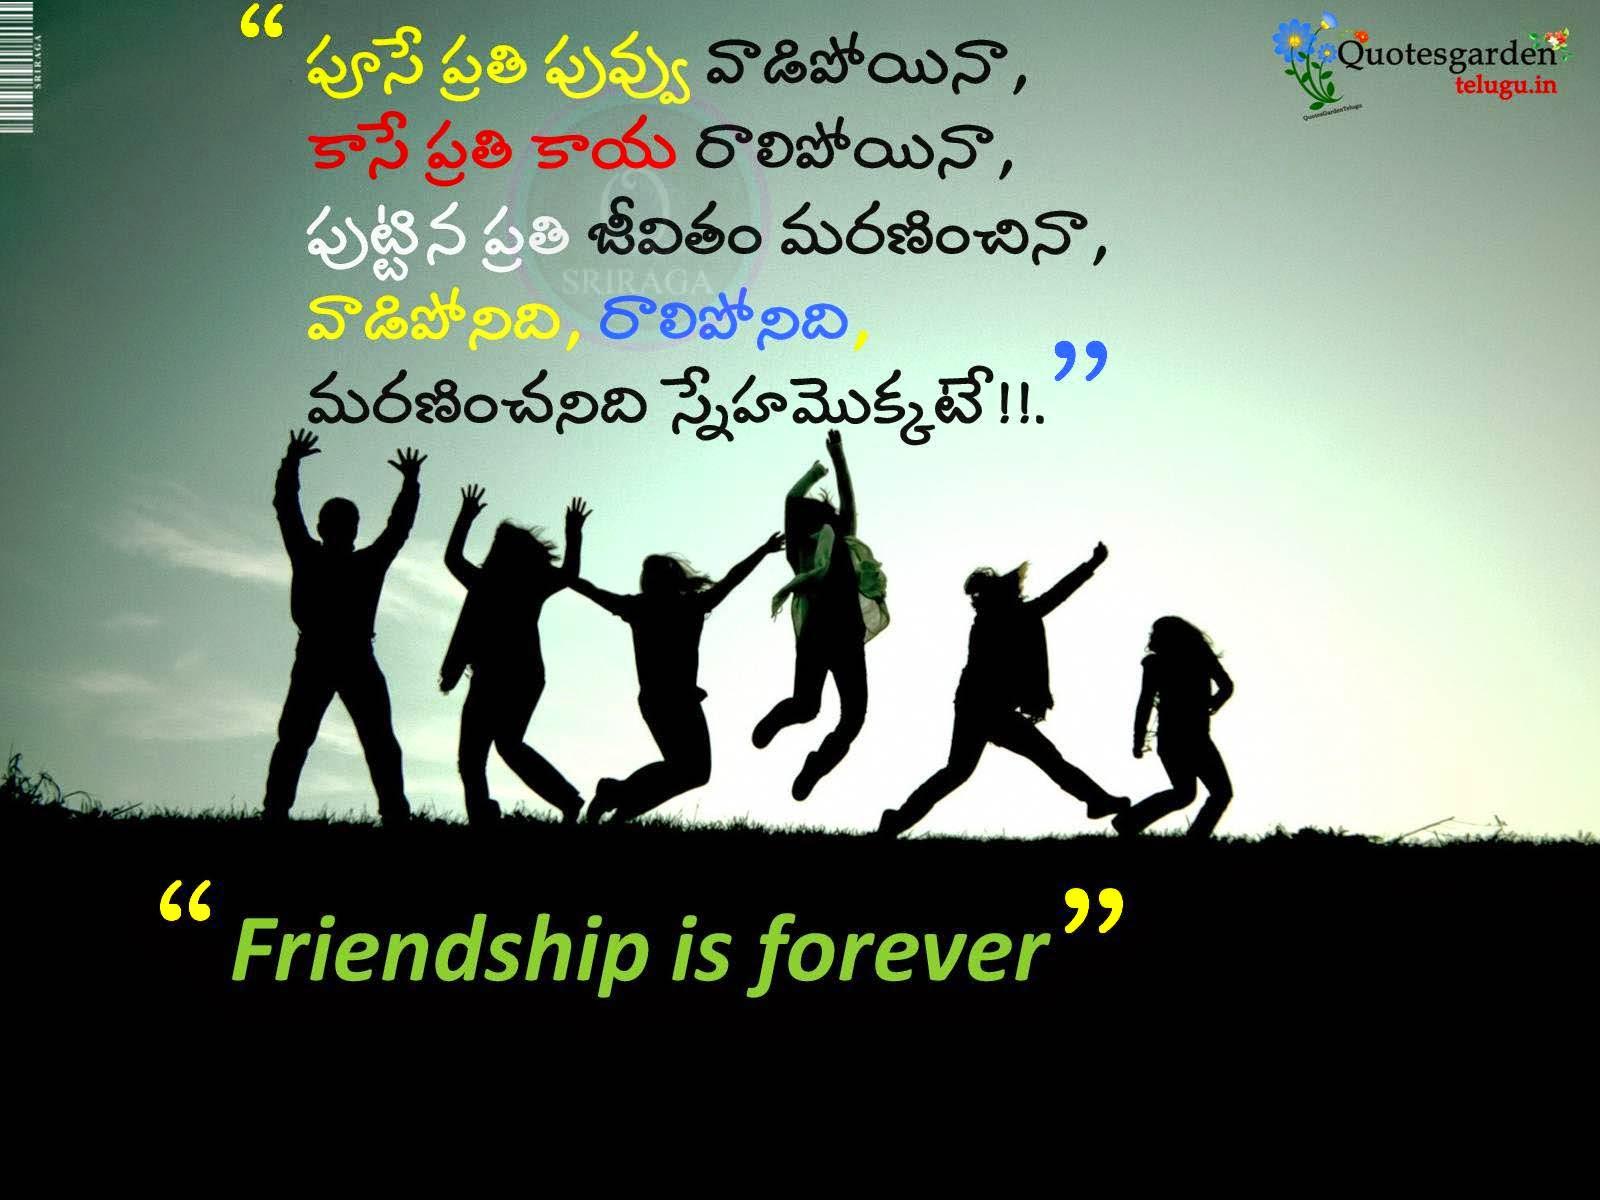 Best Friendship day quotes in telugu   QUOTES GARDEN ...